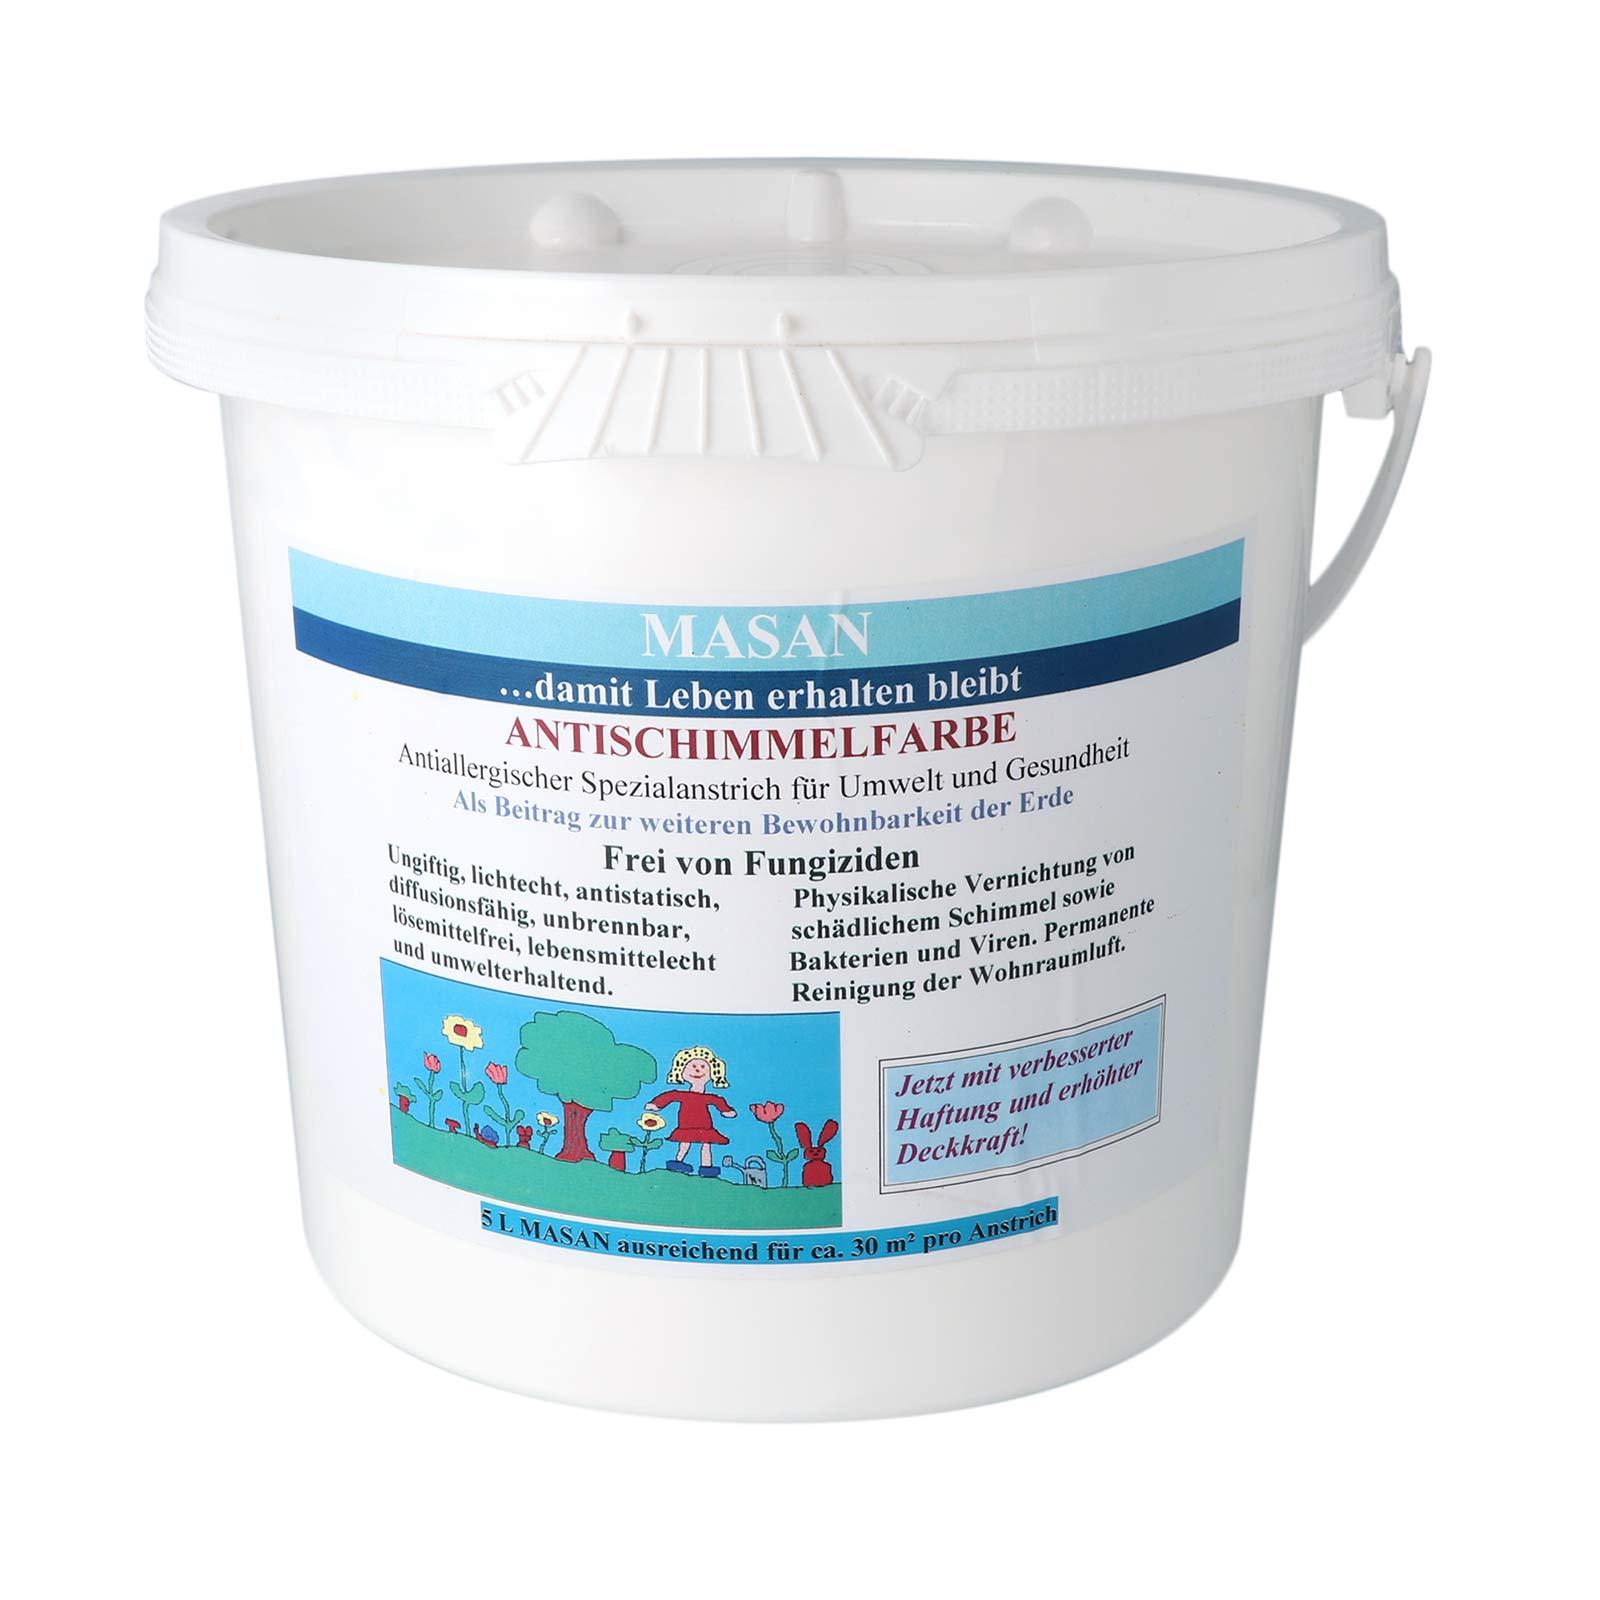 Antischimmelfarbe 5 L Weiß Masan Farbe Gegen Schimmel Purenature